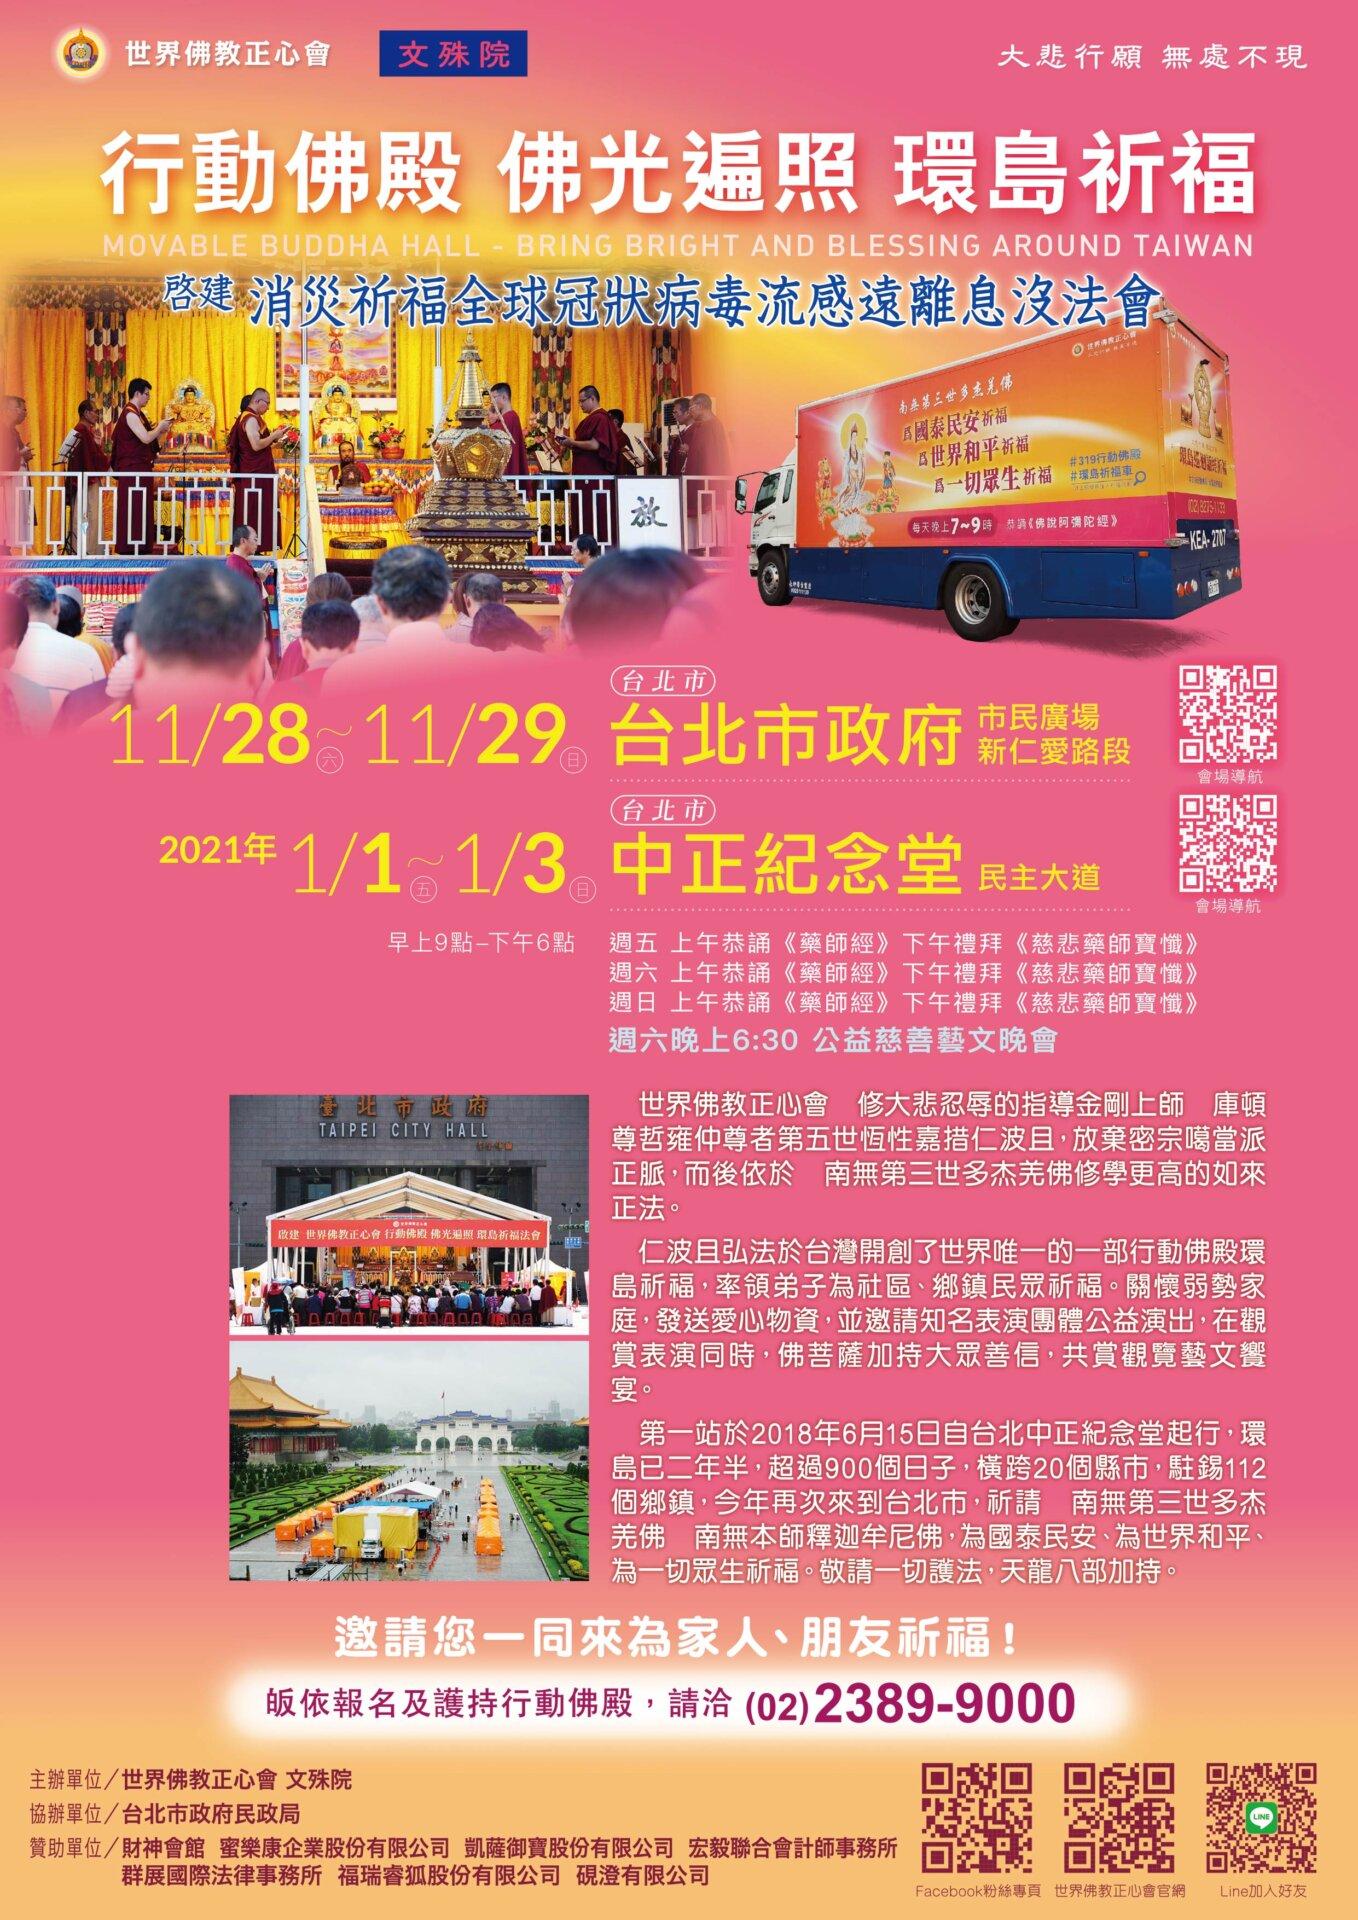 行動佛殿 佛光遍照 環島祈福-2020台北